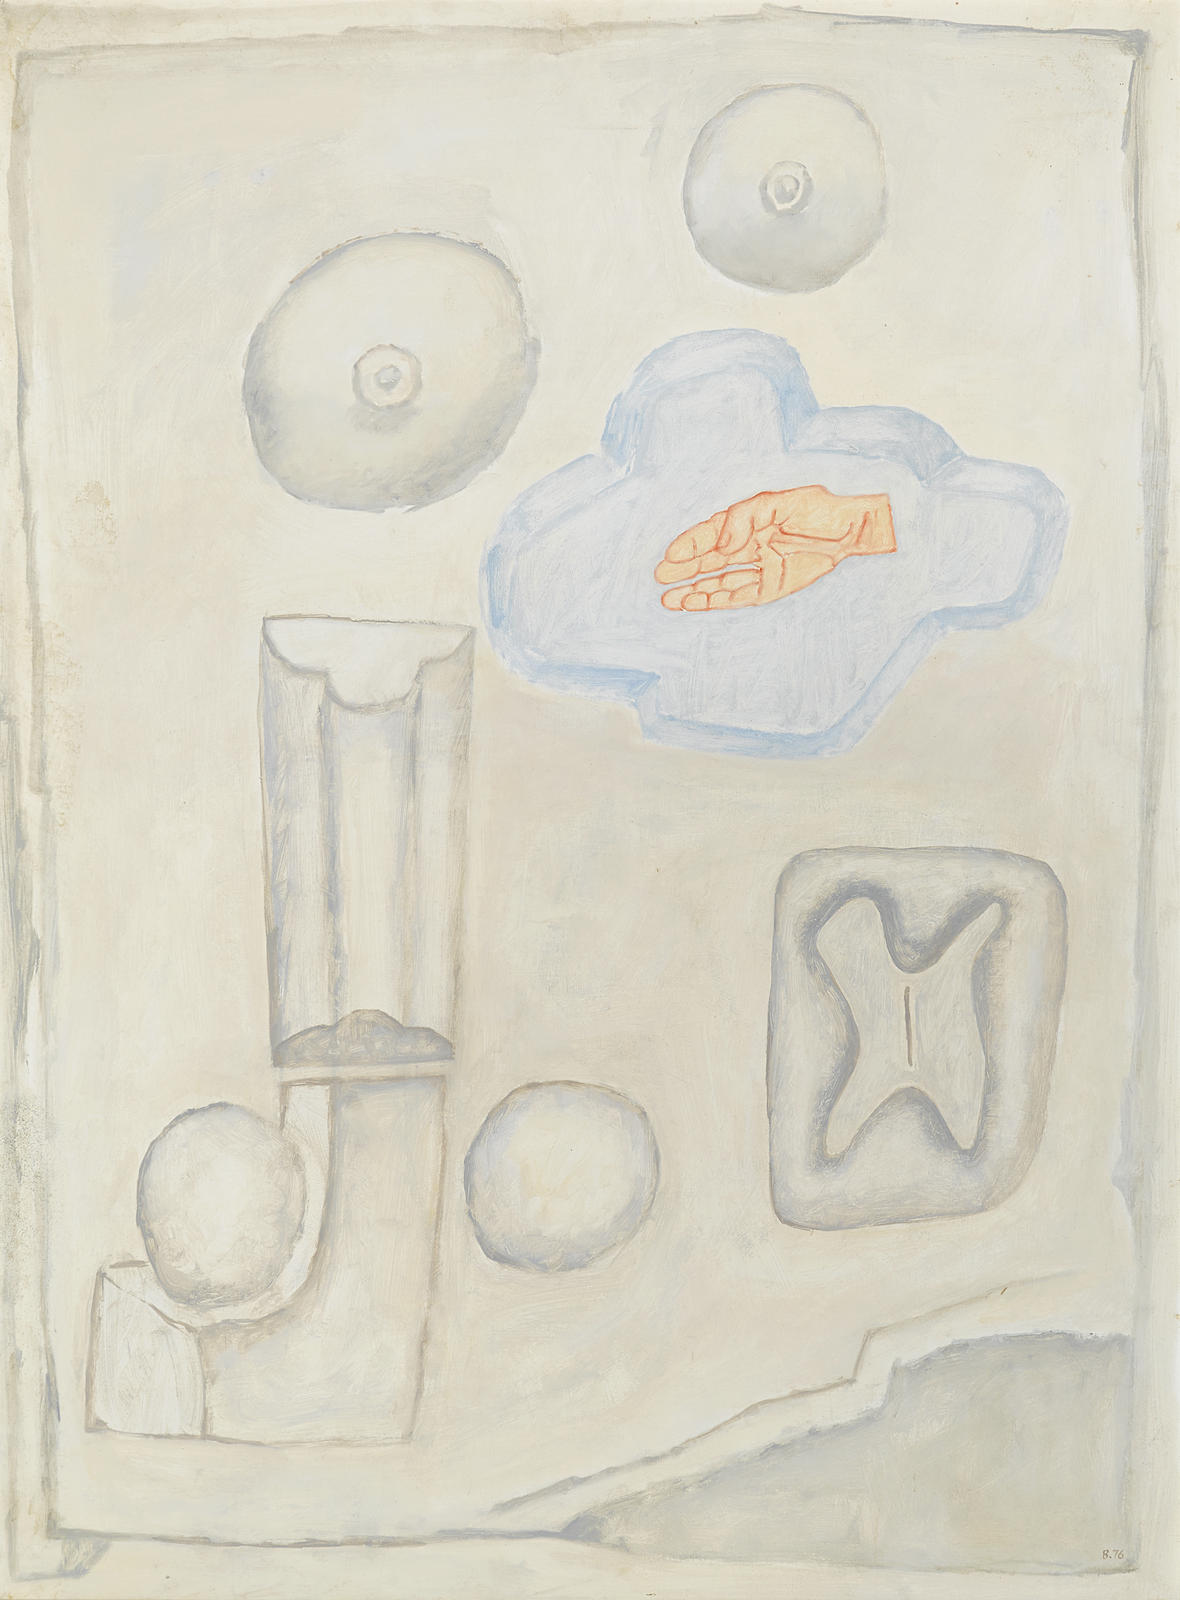 William Brice-Untitled-1976